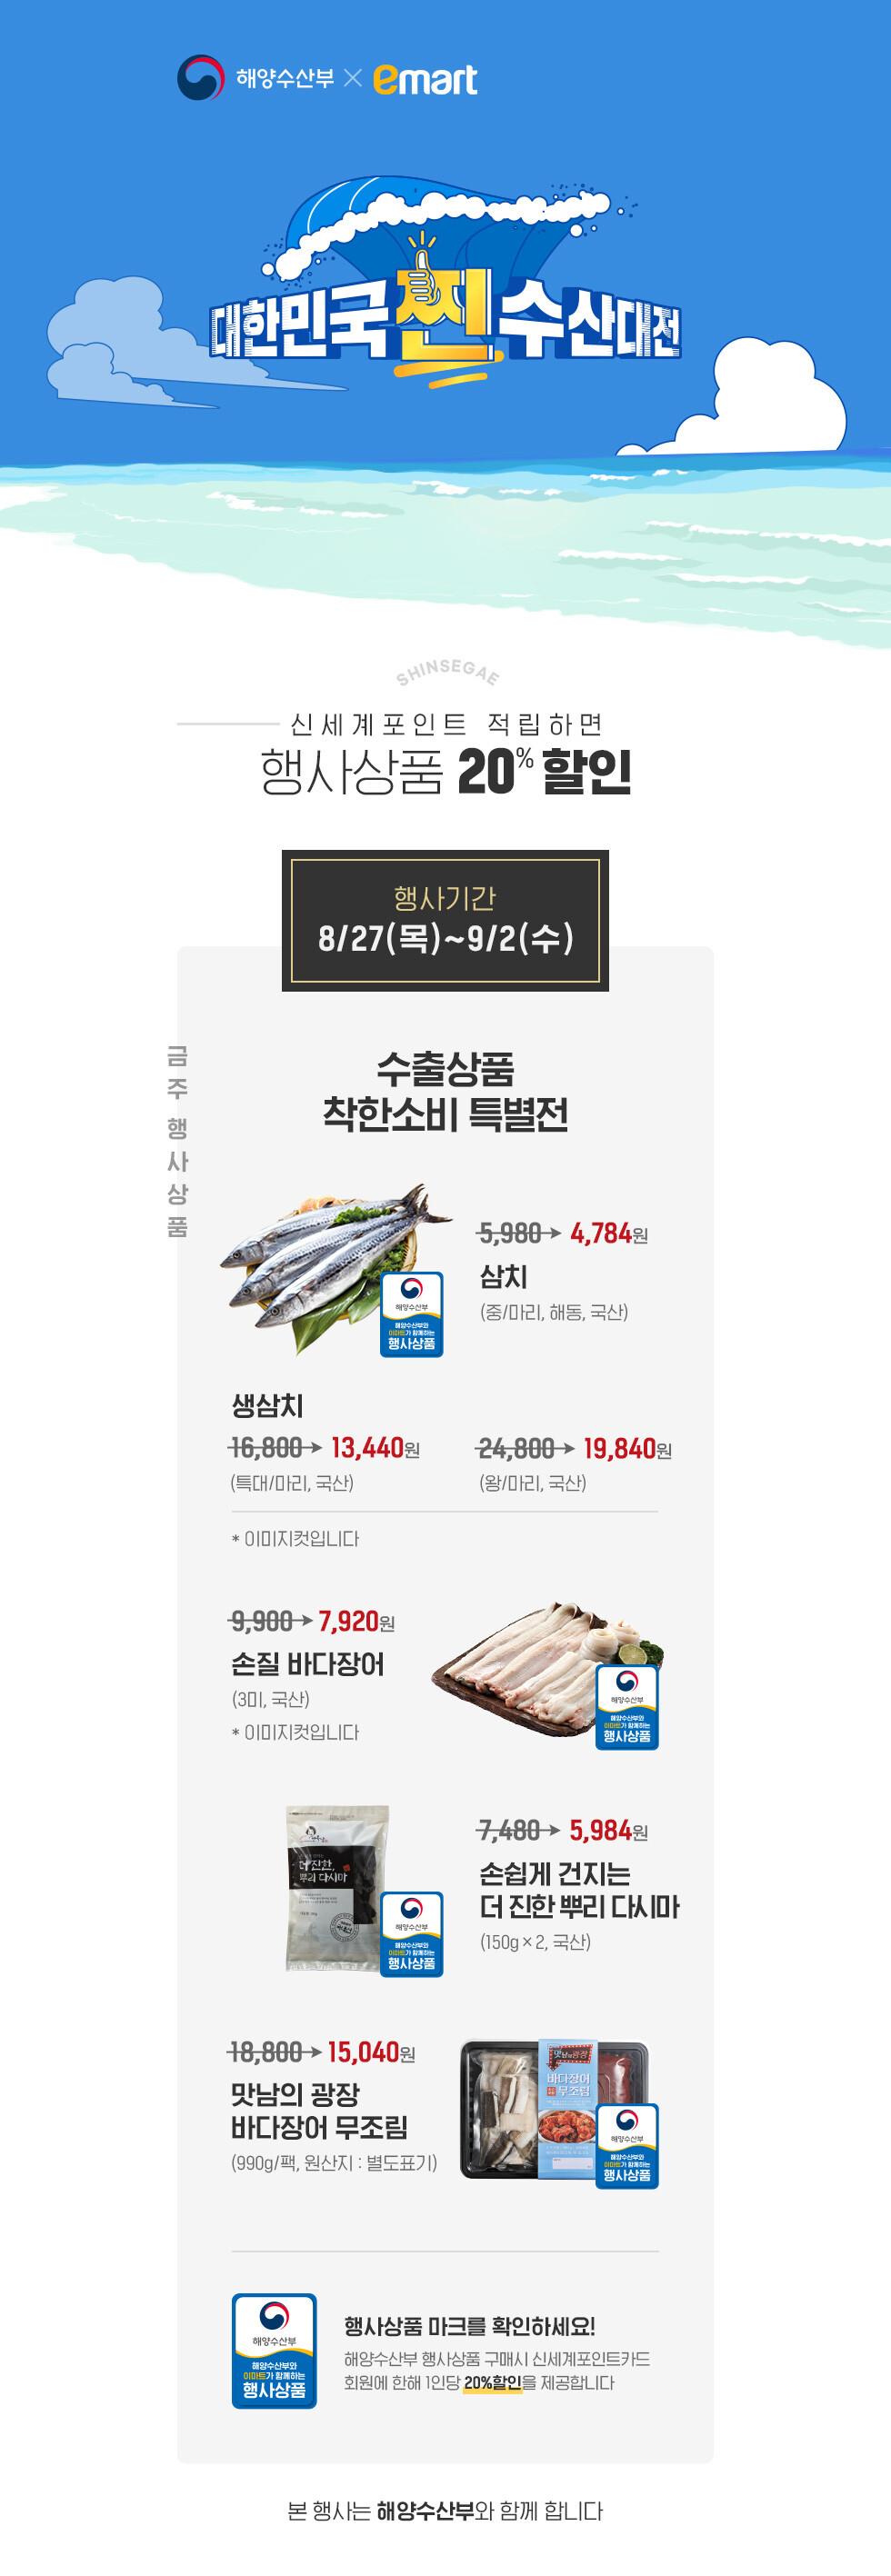 대한민국 찐수산대전 (자세한 내용 하단 참조)